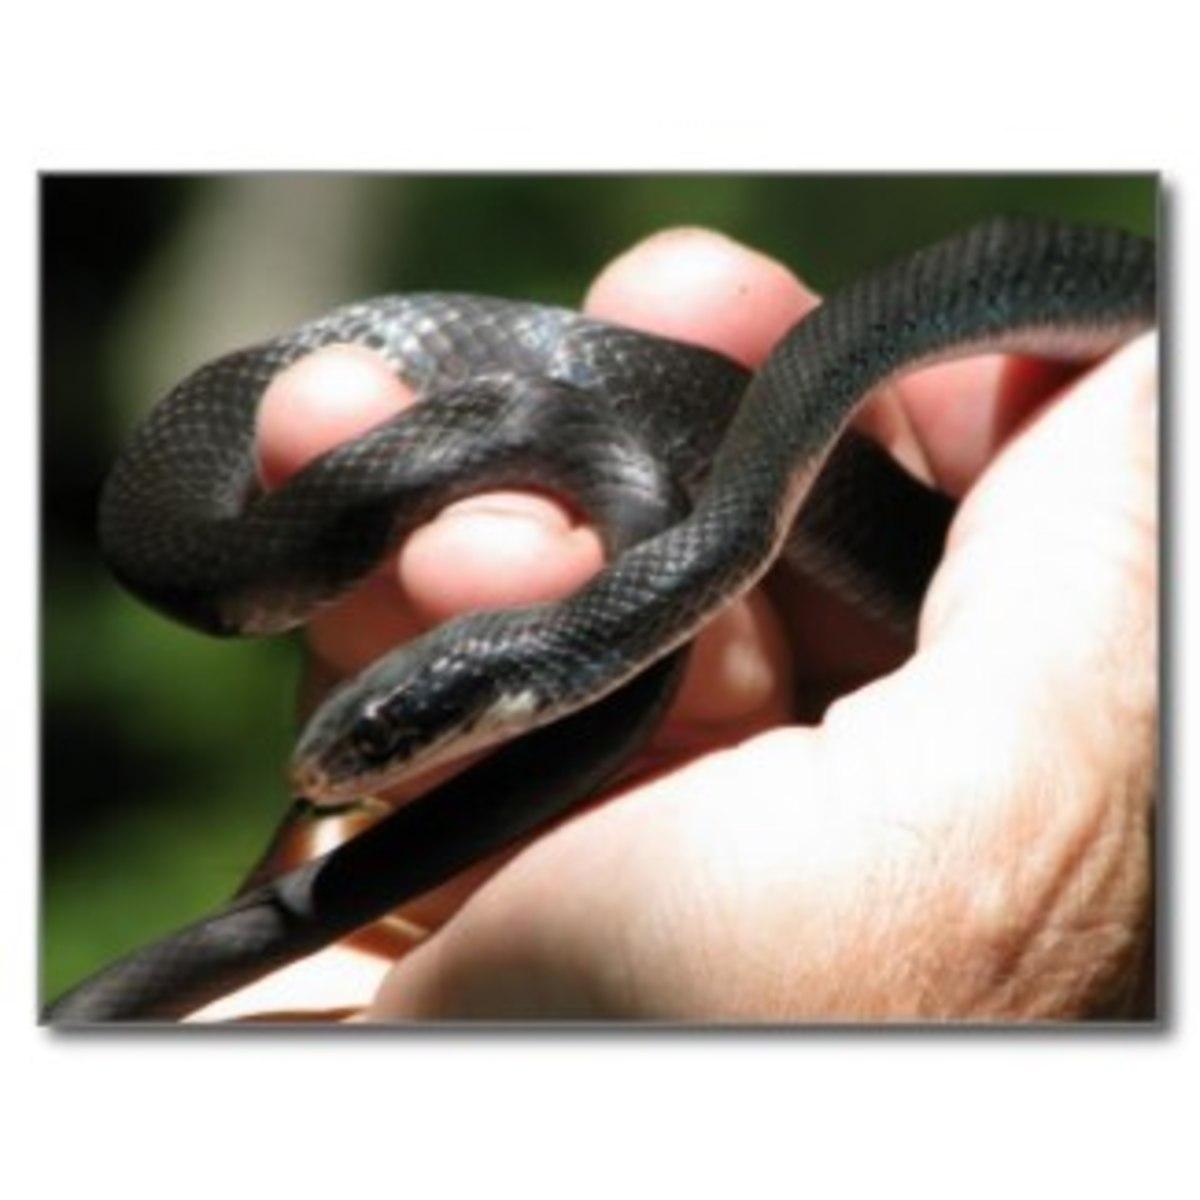 snakes_louisiana